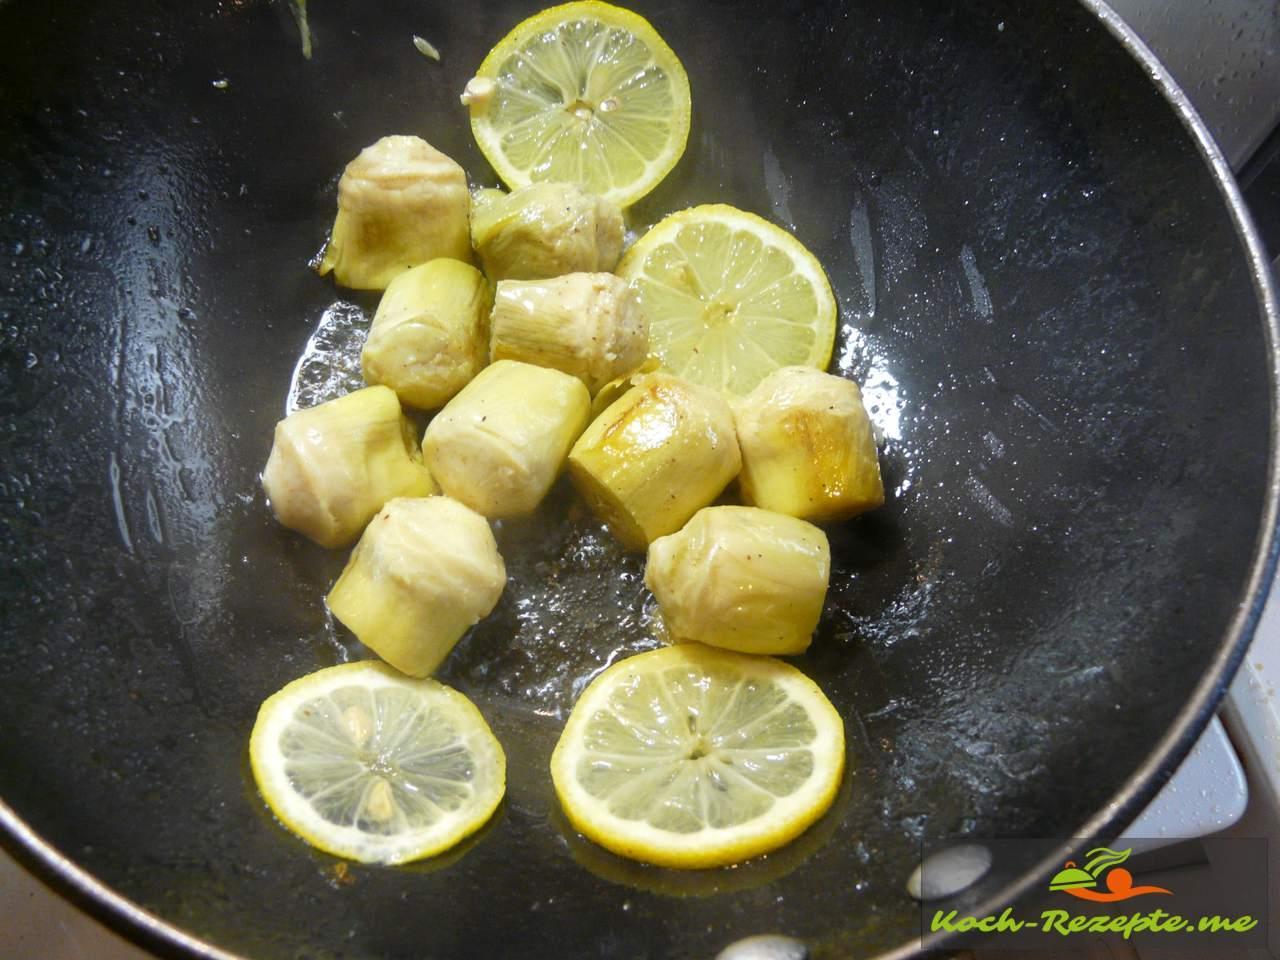 Artischockenherzen mit Zitronenscheiben braten